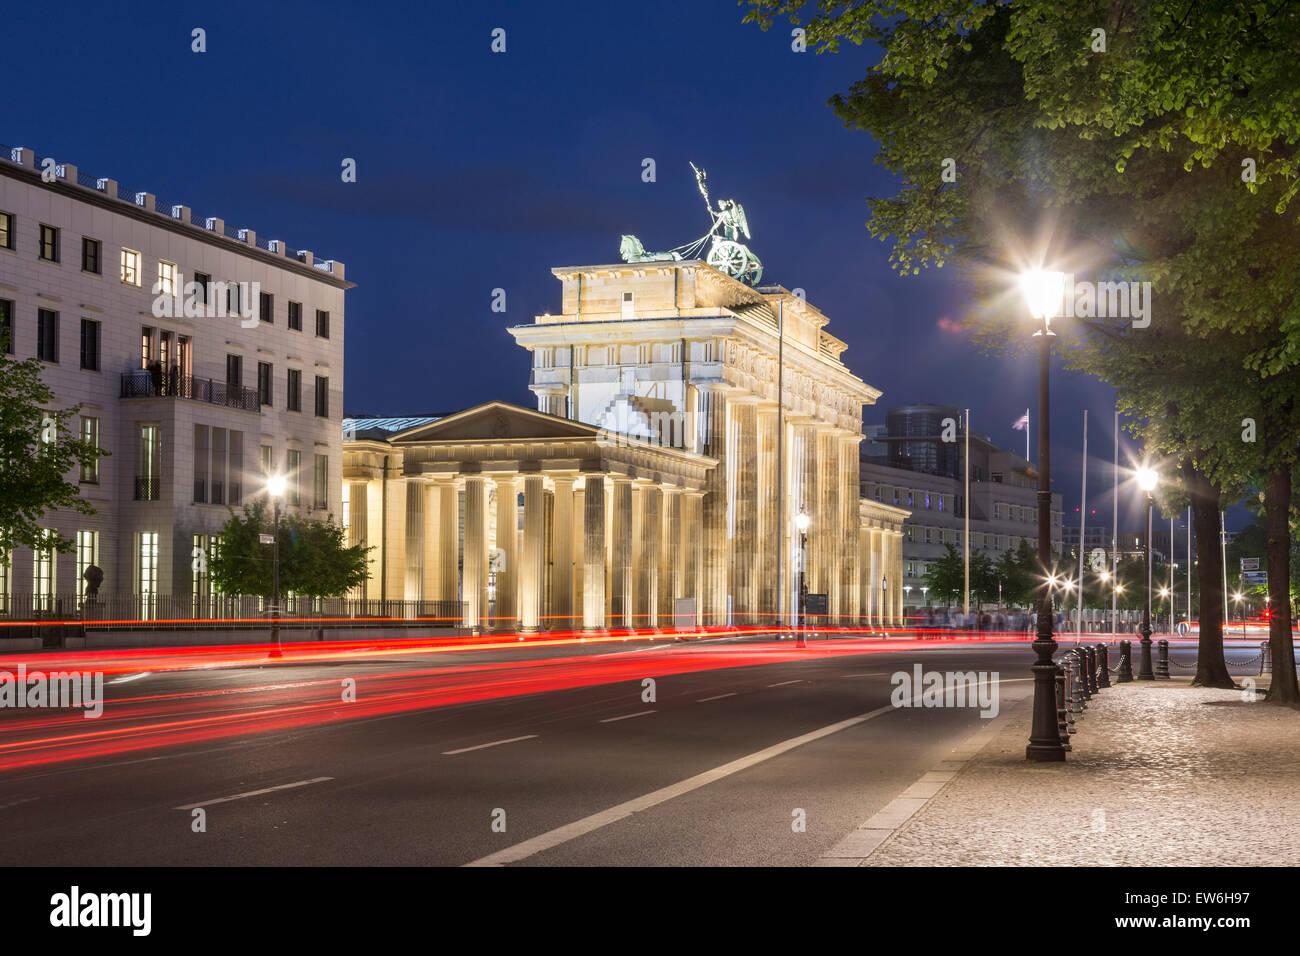 La Porta di Brandeburgo al crepuscolo, Berlino Immagini Stock